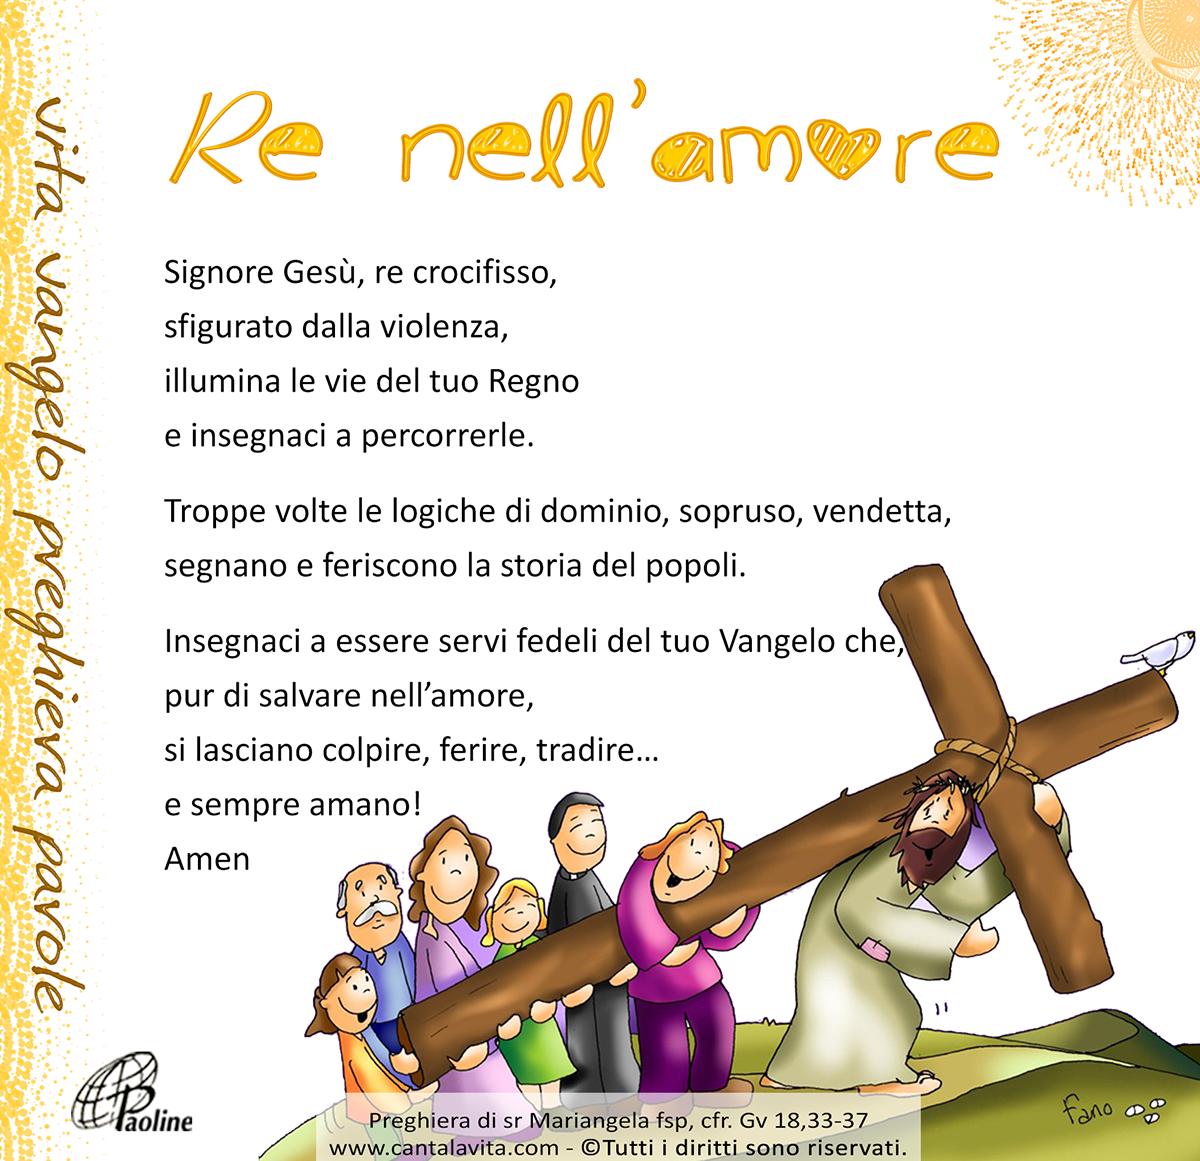 Risultati immagini per immagini canta la vita .com 34 domenica ordinario C - Cristo Re